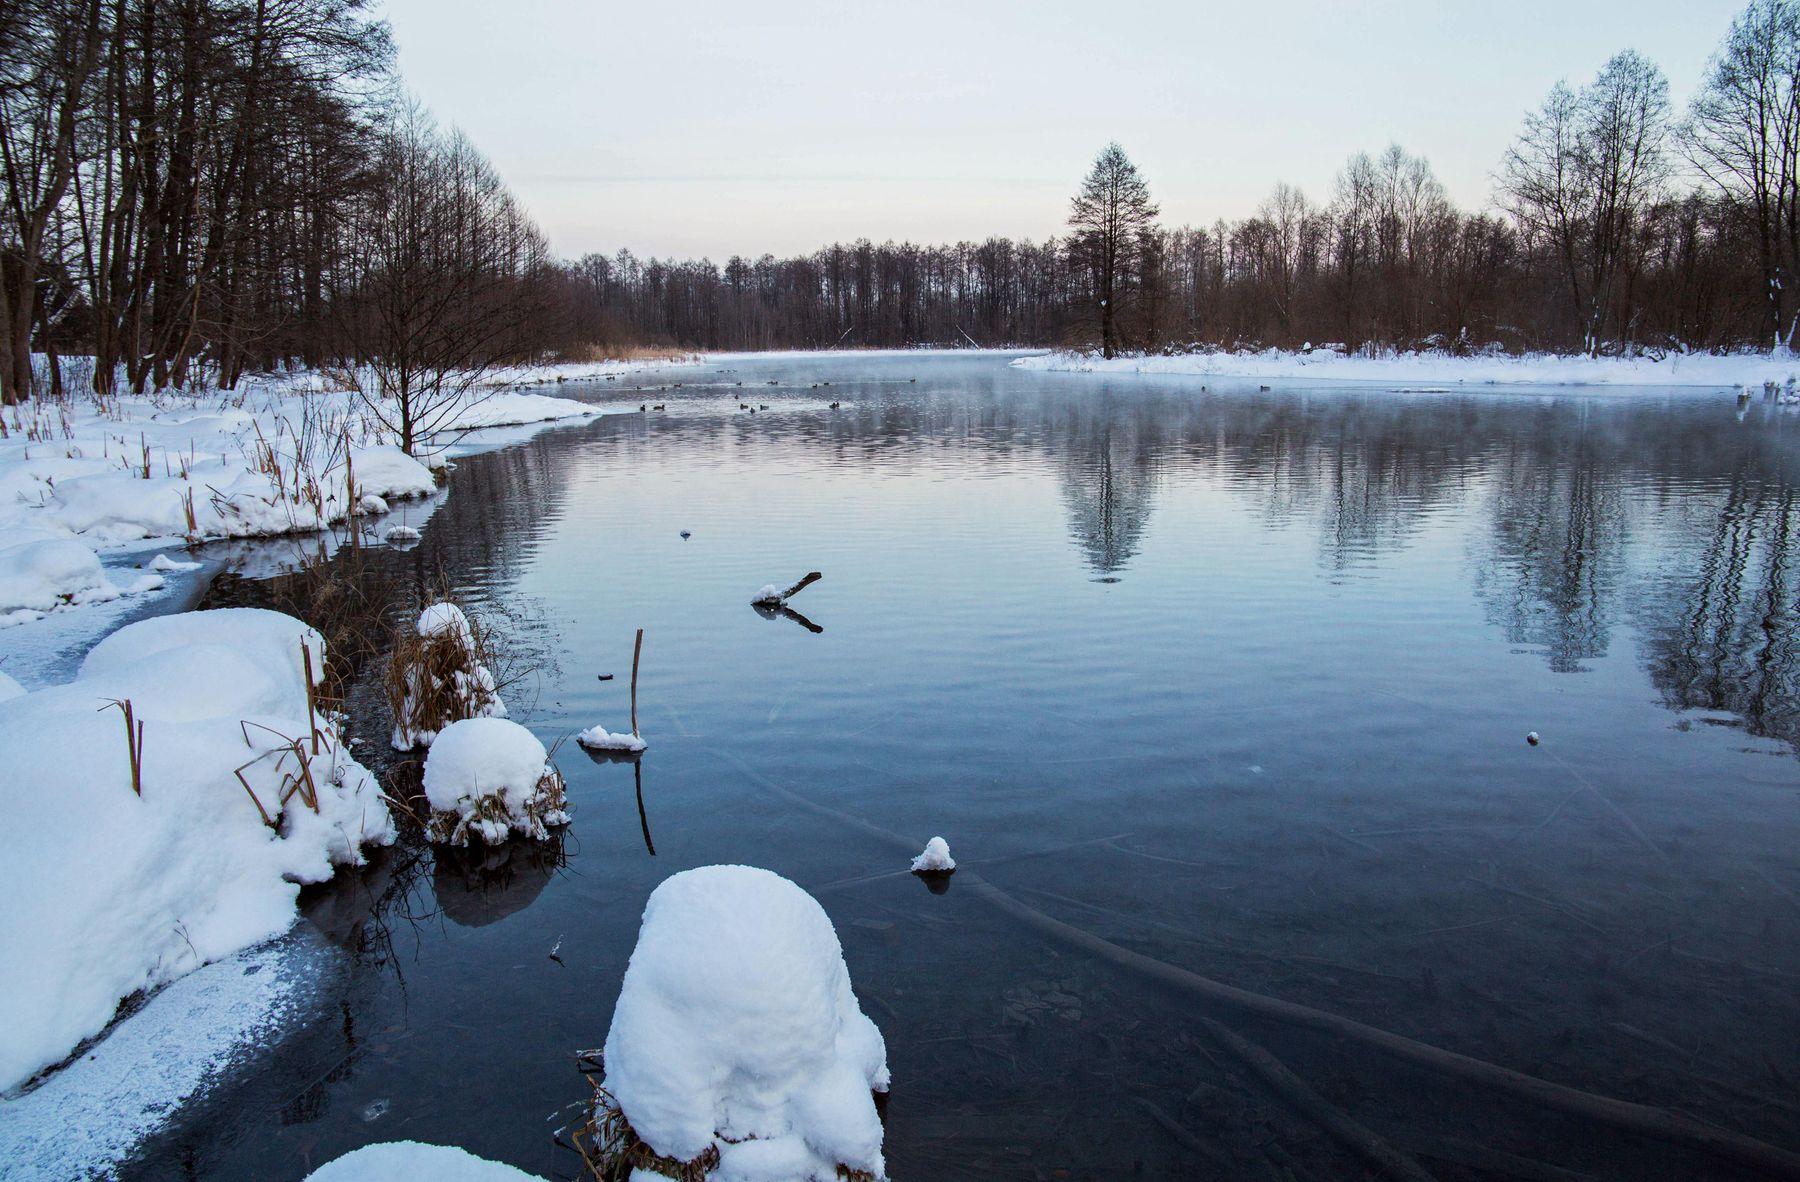 озеро Большое голубое,Татарстан природа пейзаж зима татарстан щербаково озеро большое голубое